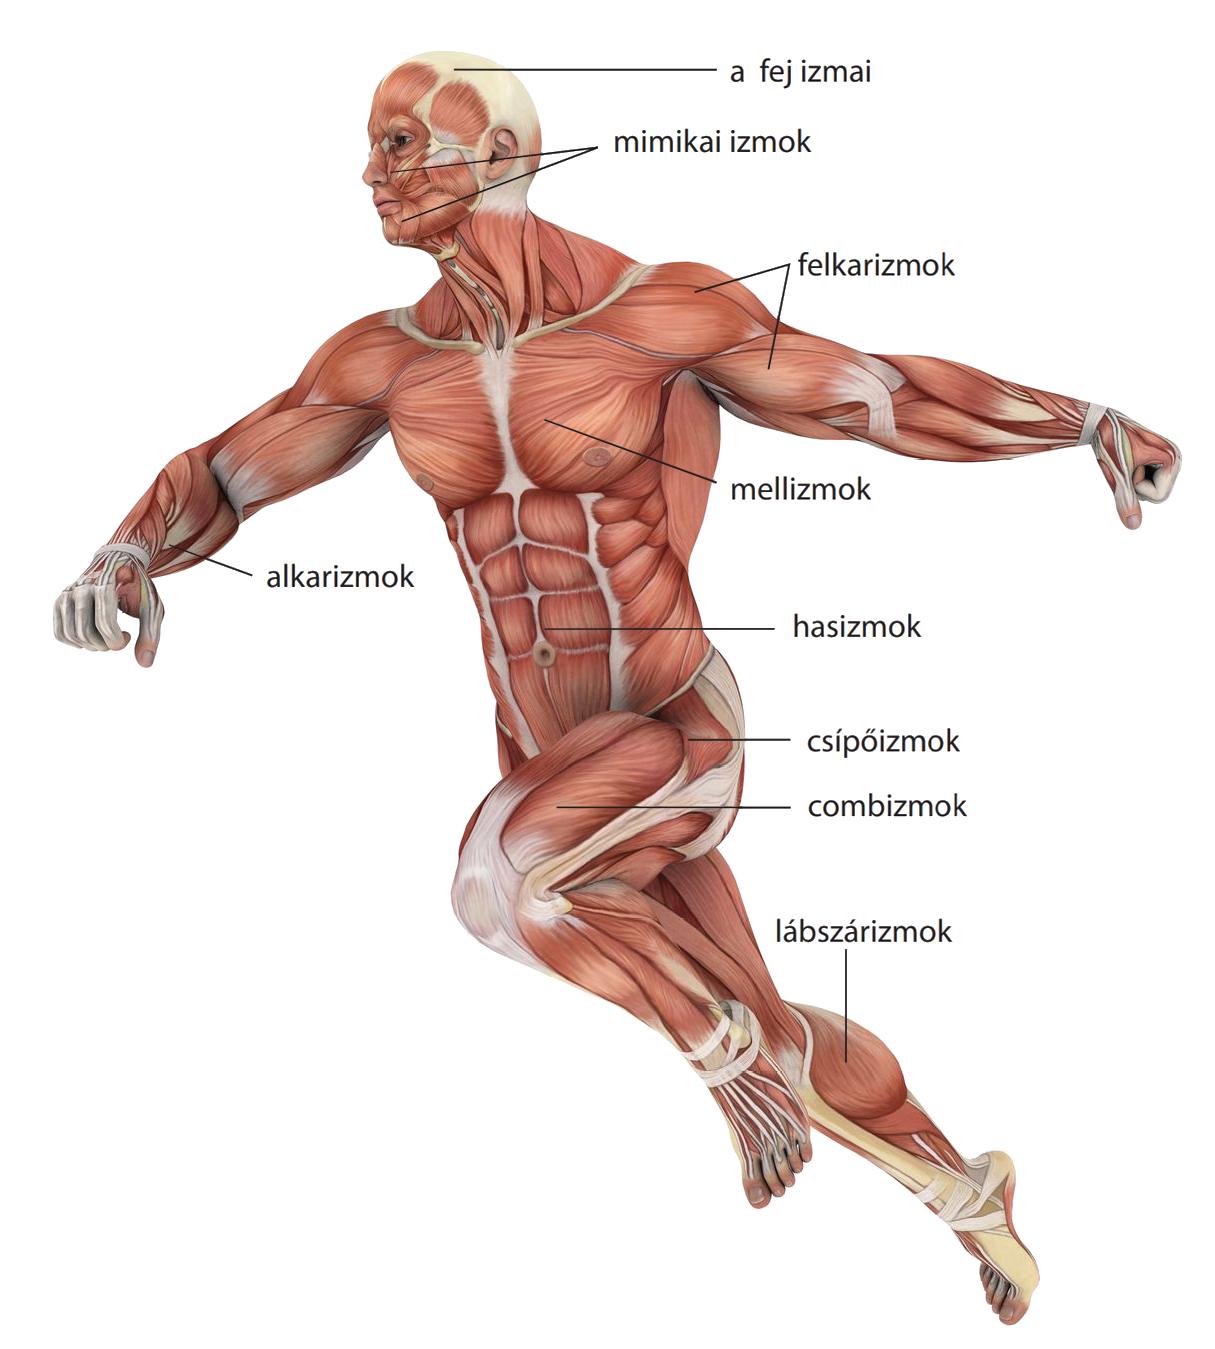 Helminták az emberi izmok kezelésében, Emberi test | Sulinet Tudásbázis